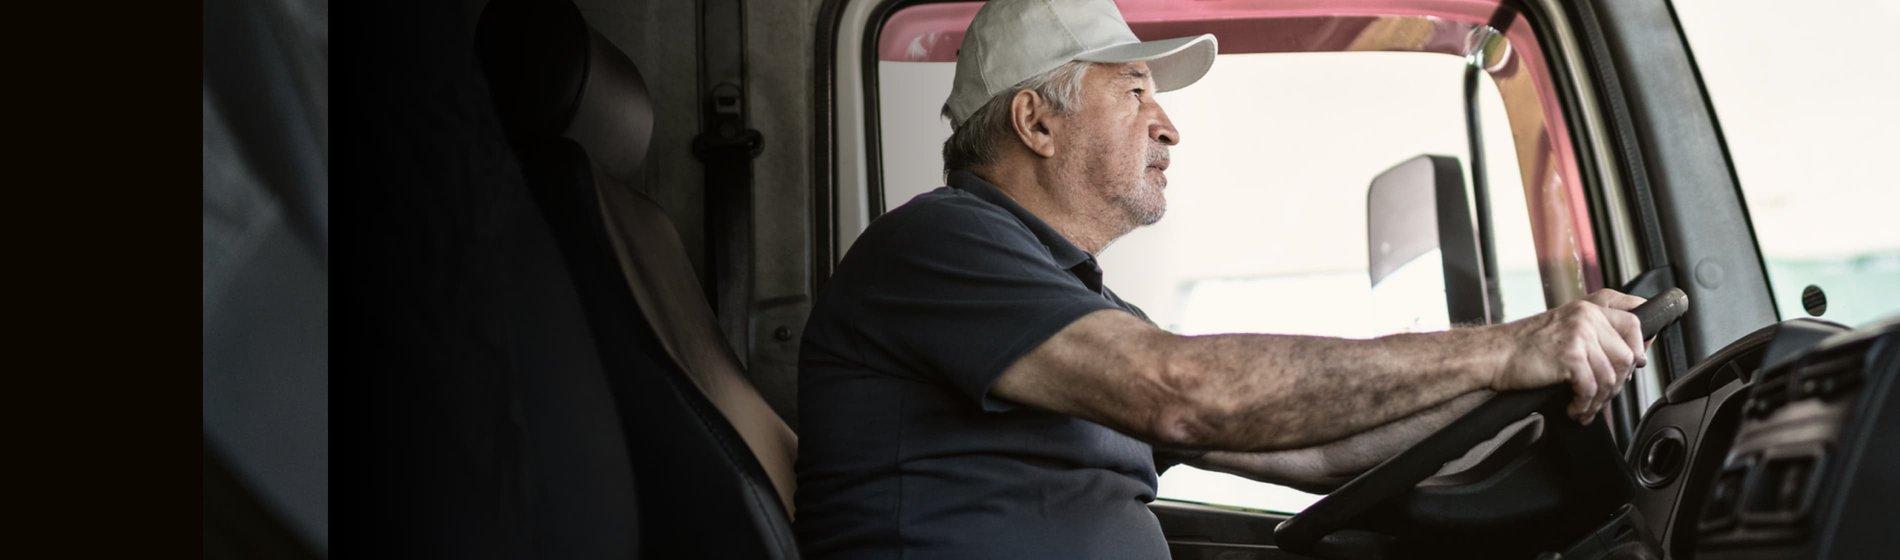 Geavanceerd gps-systeem voor vrachtwagenbestuurders